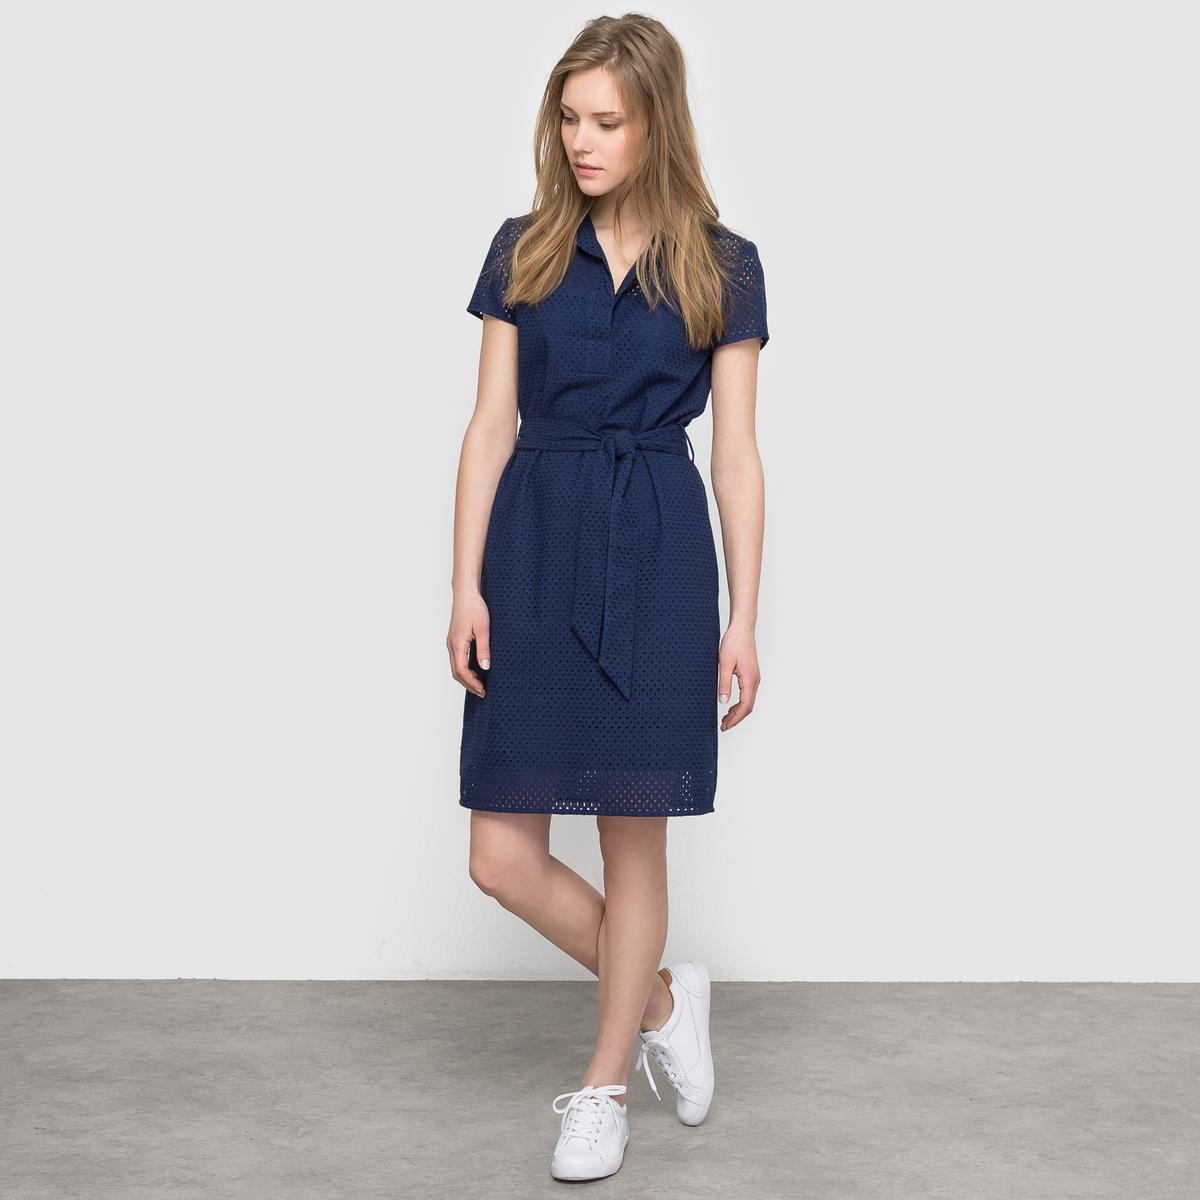 Платье-футляр с английской вышивкойПлатье-футляр с английской вышивкой, короткие рукава. Рубашечный воротник. Пояс завязывается, со шлевками. Застежка на пуговицы в тон. Длина 95 см.                                                                                Состав и описание                                                      Материал: 100% хлопка                                                      Подкладка: 100% хлопка                Уход                                                     Машинная стирка: при 40°С                                                                                      Гладить: с изнаночной стороны<br><br>Цвет: синий морской,экрю<br>Размер: 42 (FR) - 48 (RUS).44 (FR) - 50 (RUS).46 (FR) - 52 (RUS).50 (FR) - 56 (RUS)